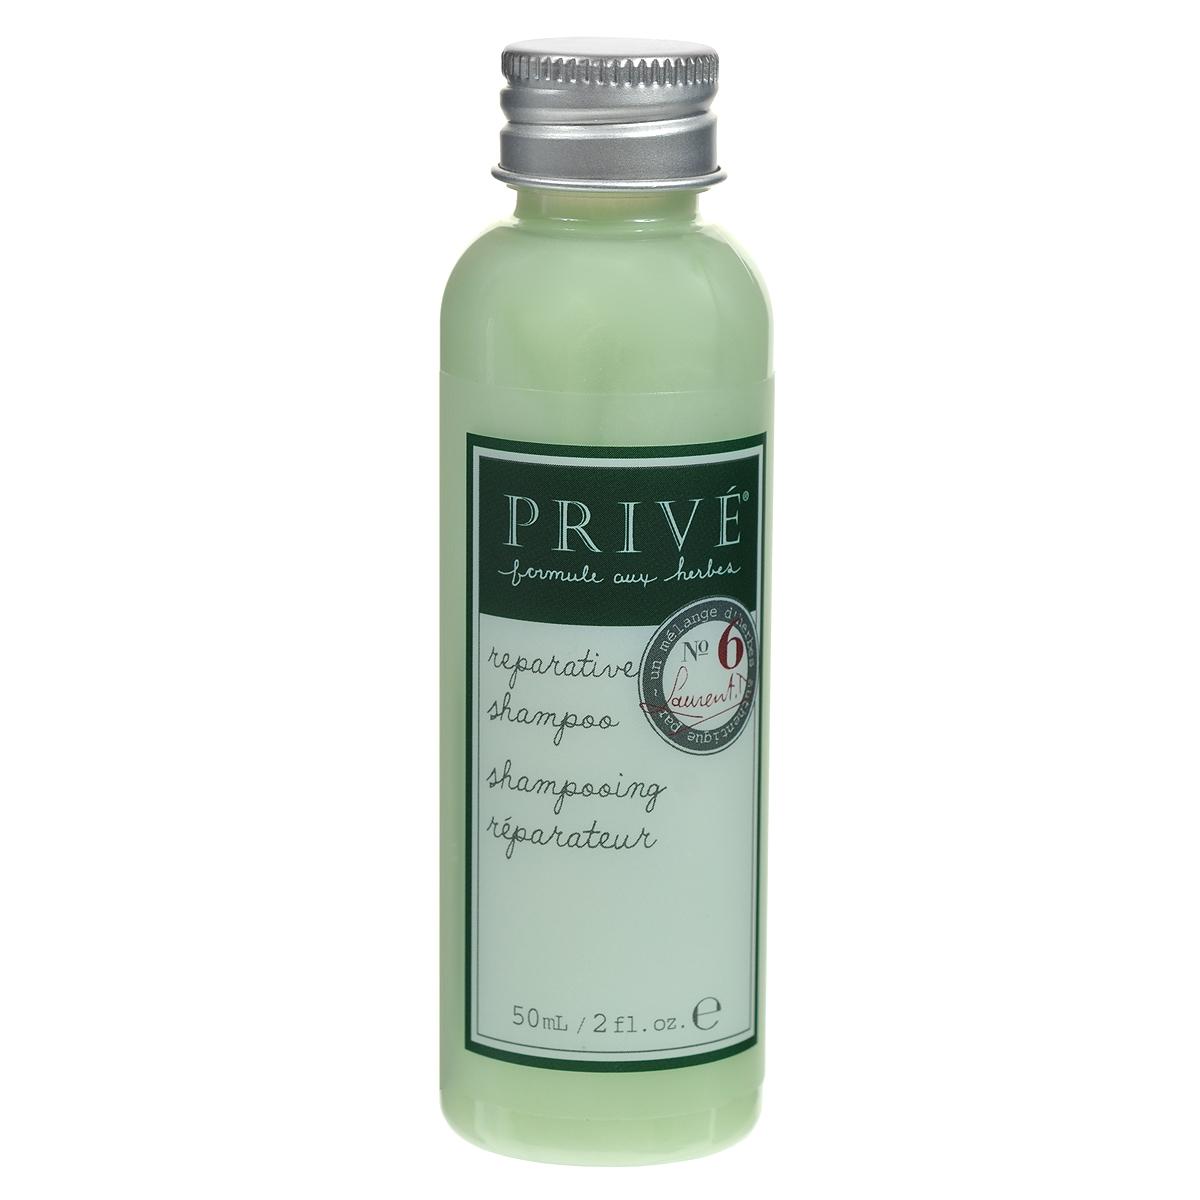 Prive Шампунь для волос, восстанавливающий, 50 млPRV4913502Алоэ-вера, экстракт орхидеи и смесь трав интенсивно увлажняют и великолепно смягчают сухие, поврежденные волосы, в том числе после окрашивания и химзавивки. Сохраняет цвет окрашенных волос. Способствует активному восстановлению. Делает волосы здоровыми и блестящими. Формула, сохраняющая цвет окрашенных волос восстанавливает поврежденные волосы, глицерин и алоэ дополнительно увлажняют и смягчают волосы. Характеристики:Объем: 50 мл. Артикул: PRV4913502. Производитель: США. Товар сертифицирован.